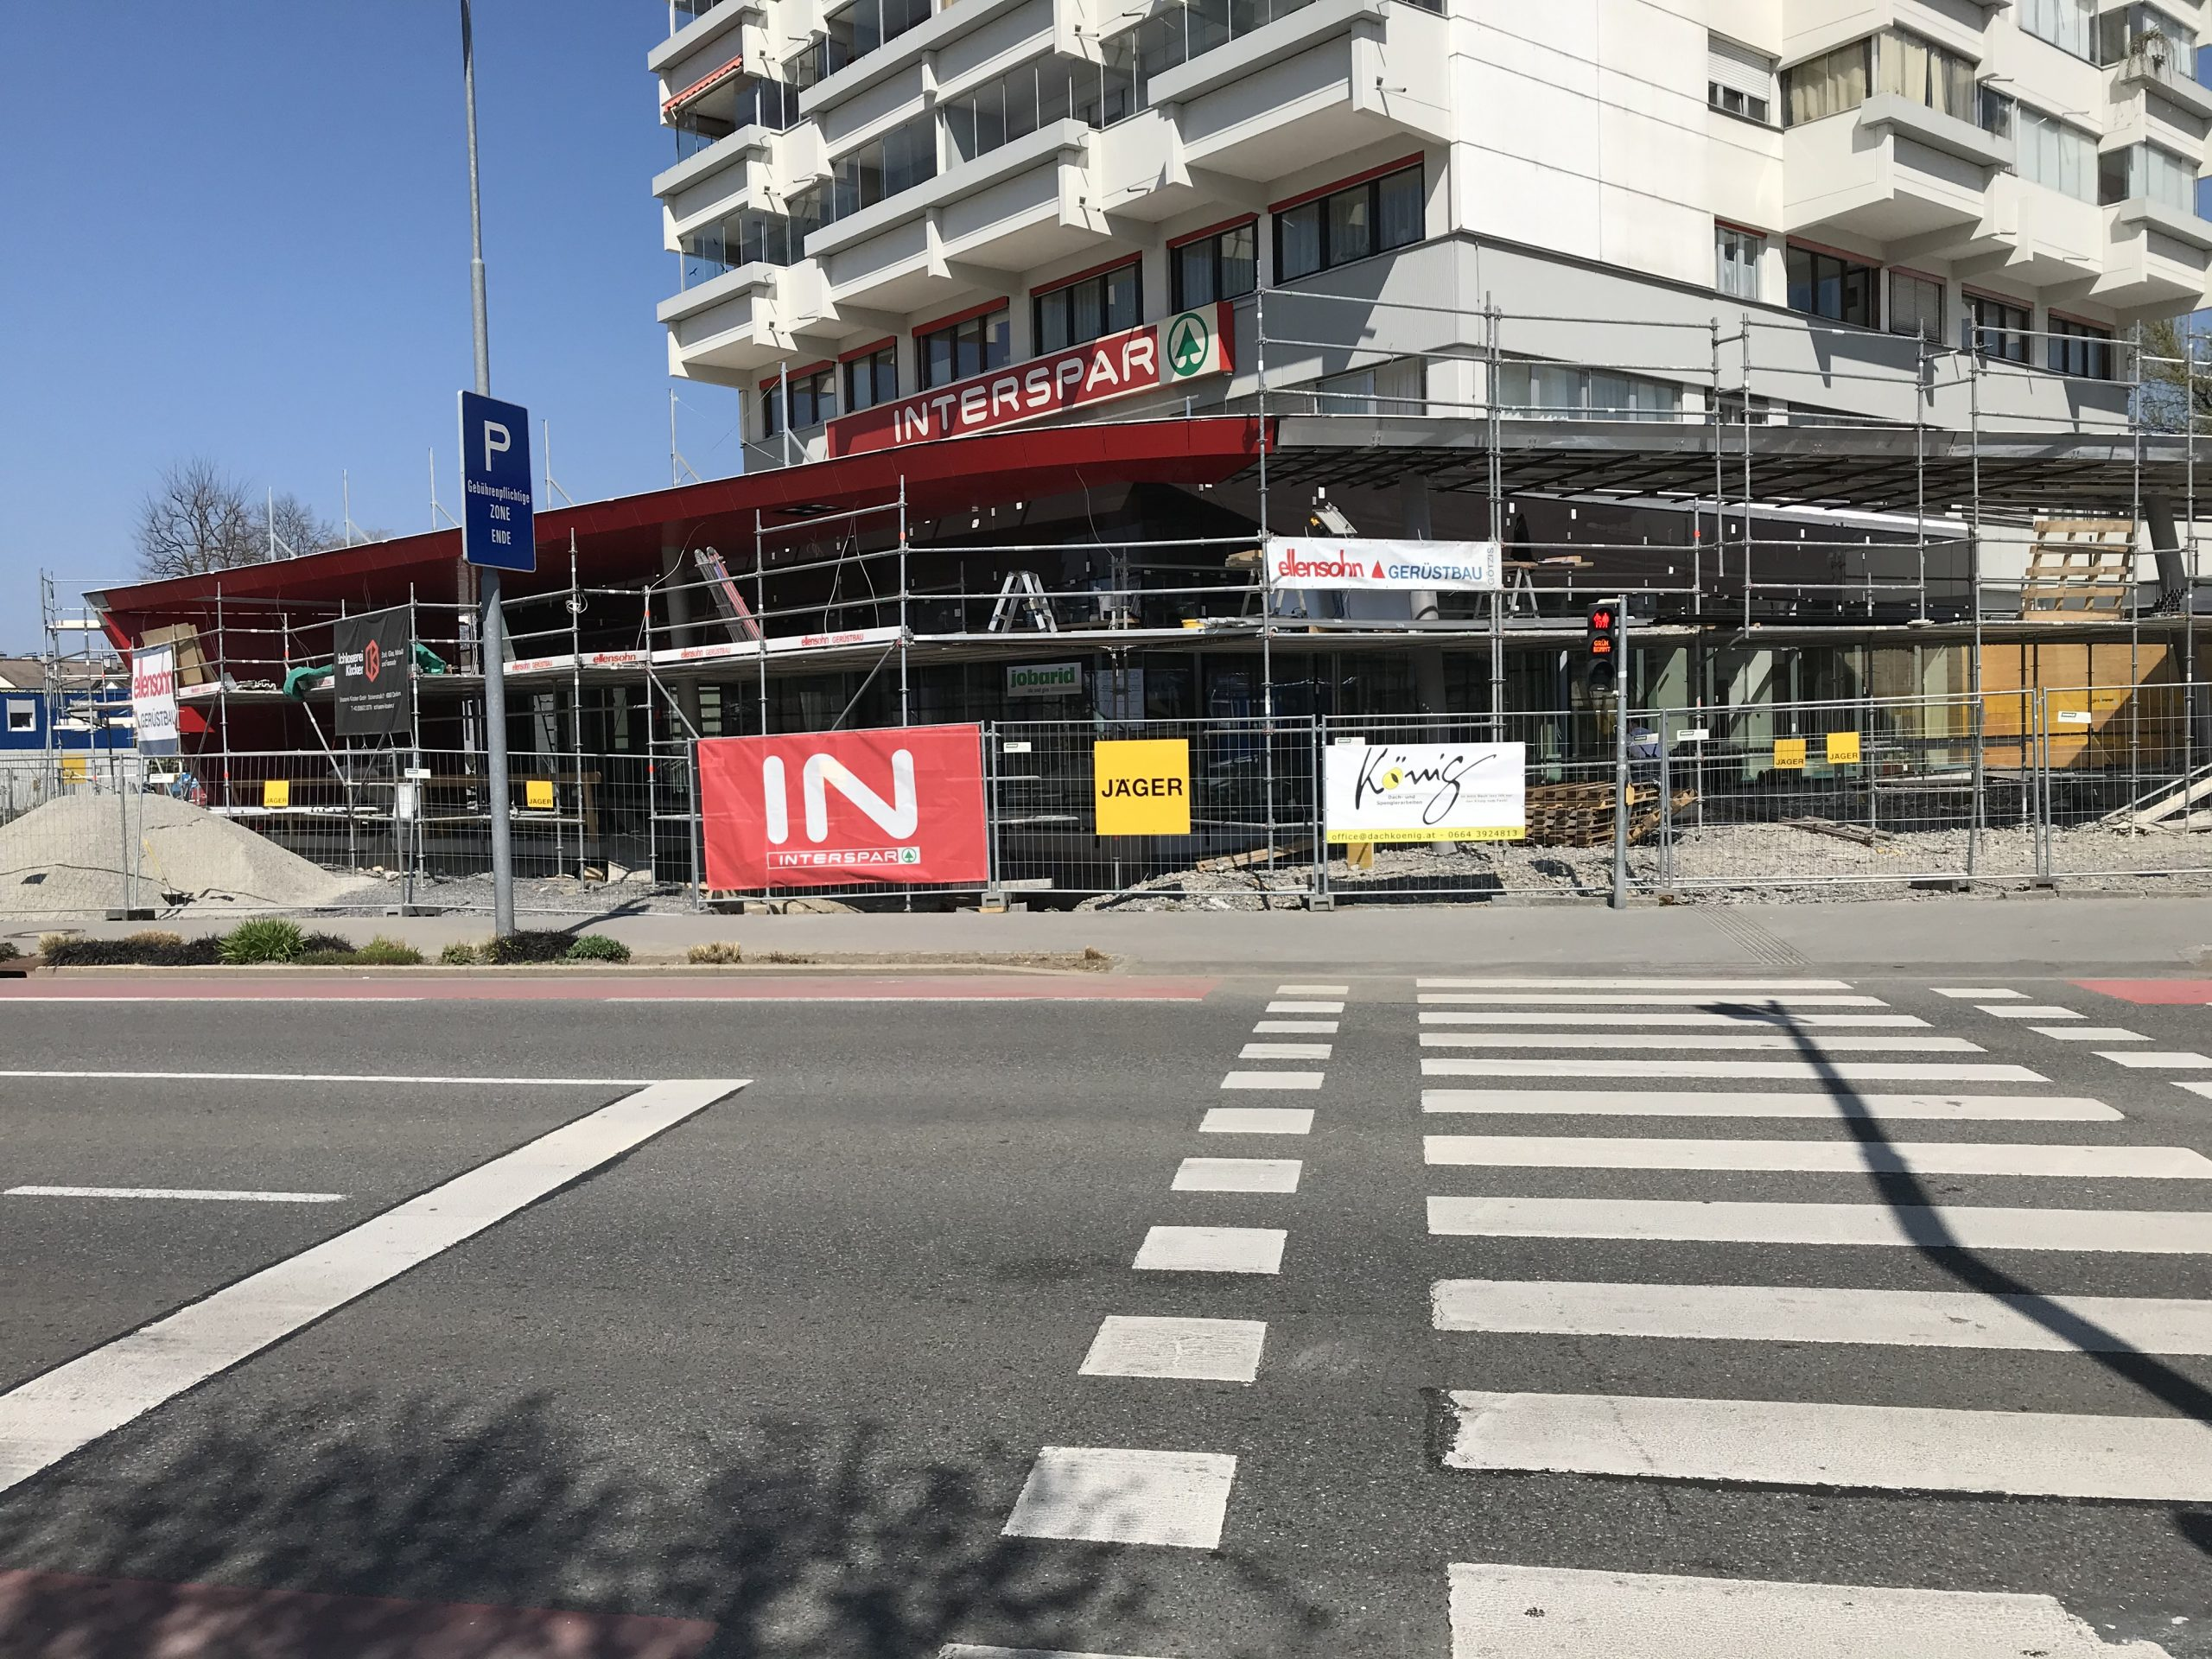 Unsere Interspar-Baustelle in Bregenz geht immer weiter!